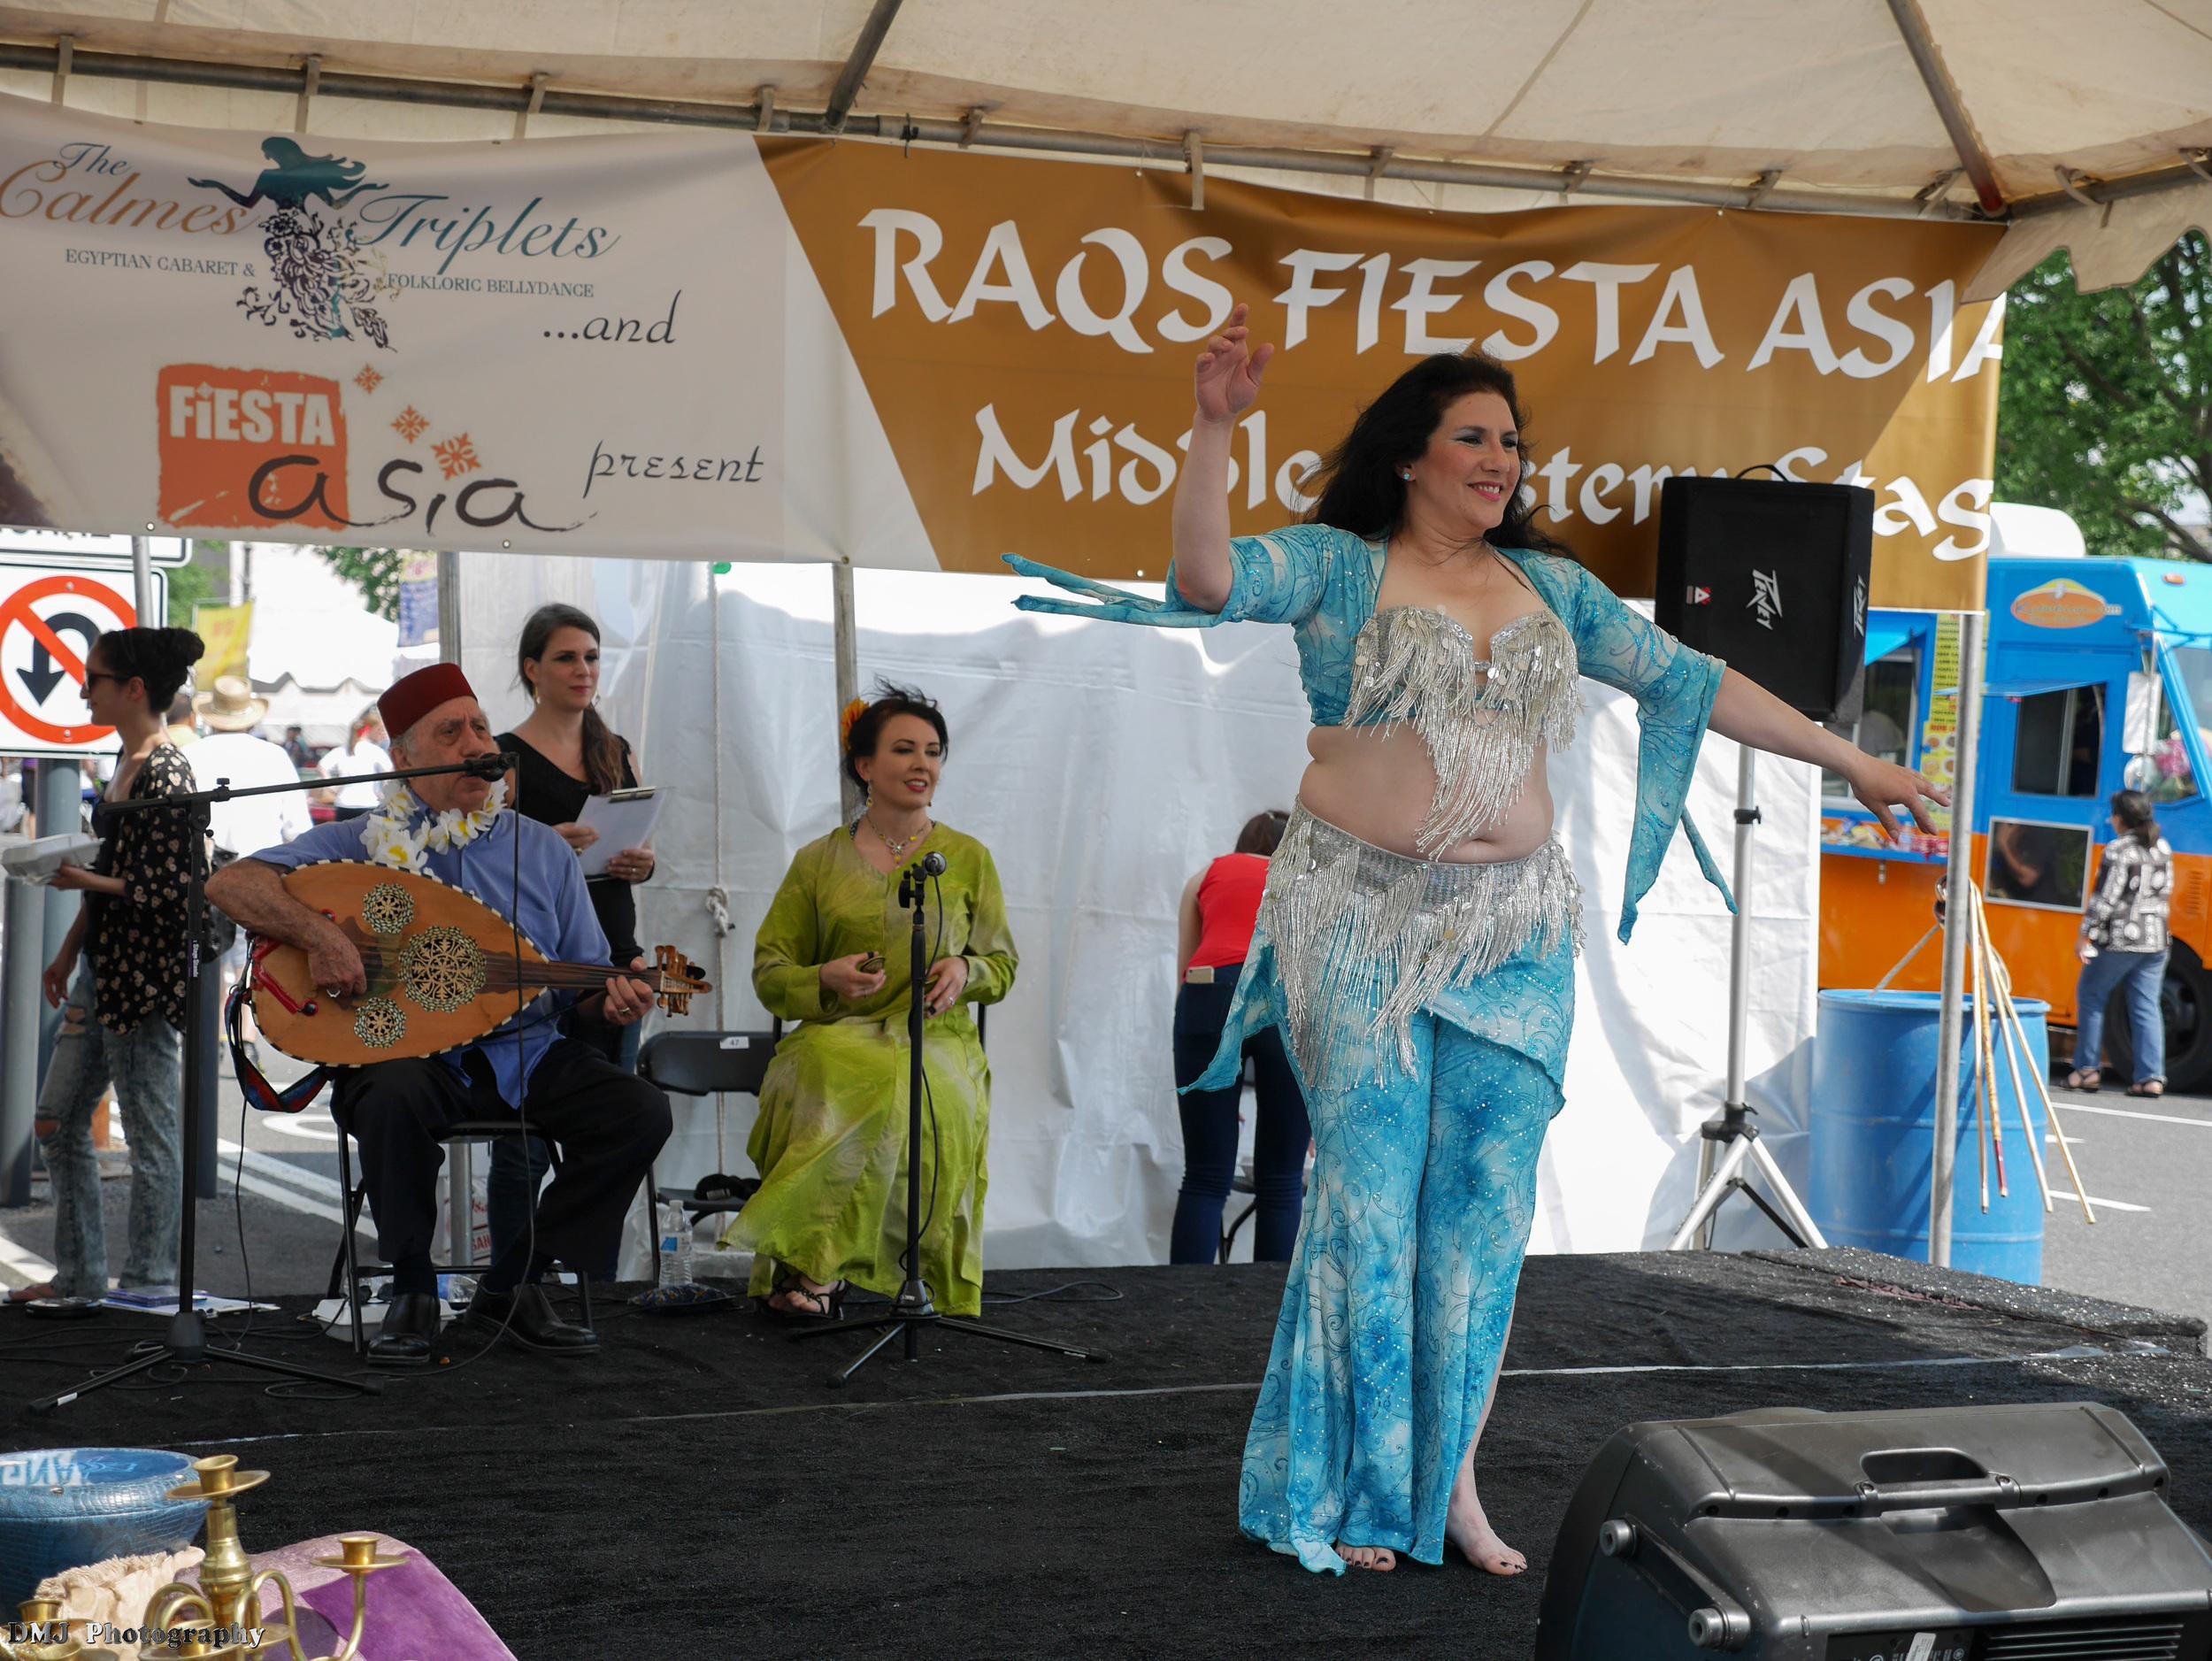 fiesta_asia_street_festival_2015_middle_eastern_stage_10.jpg